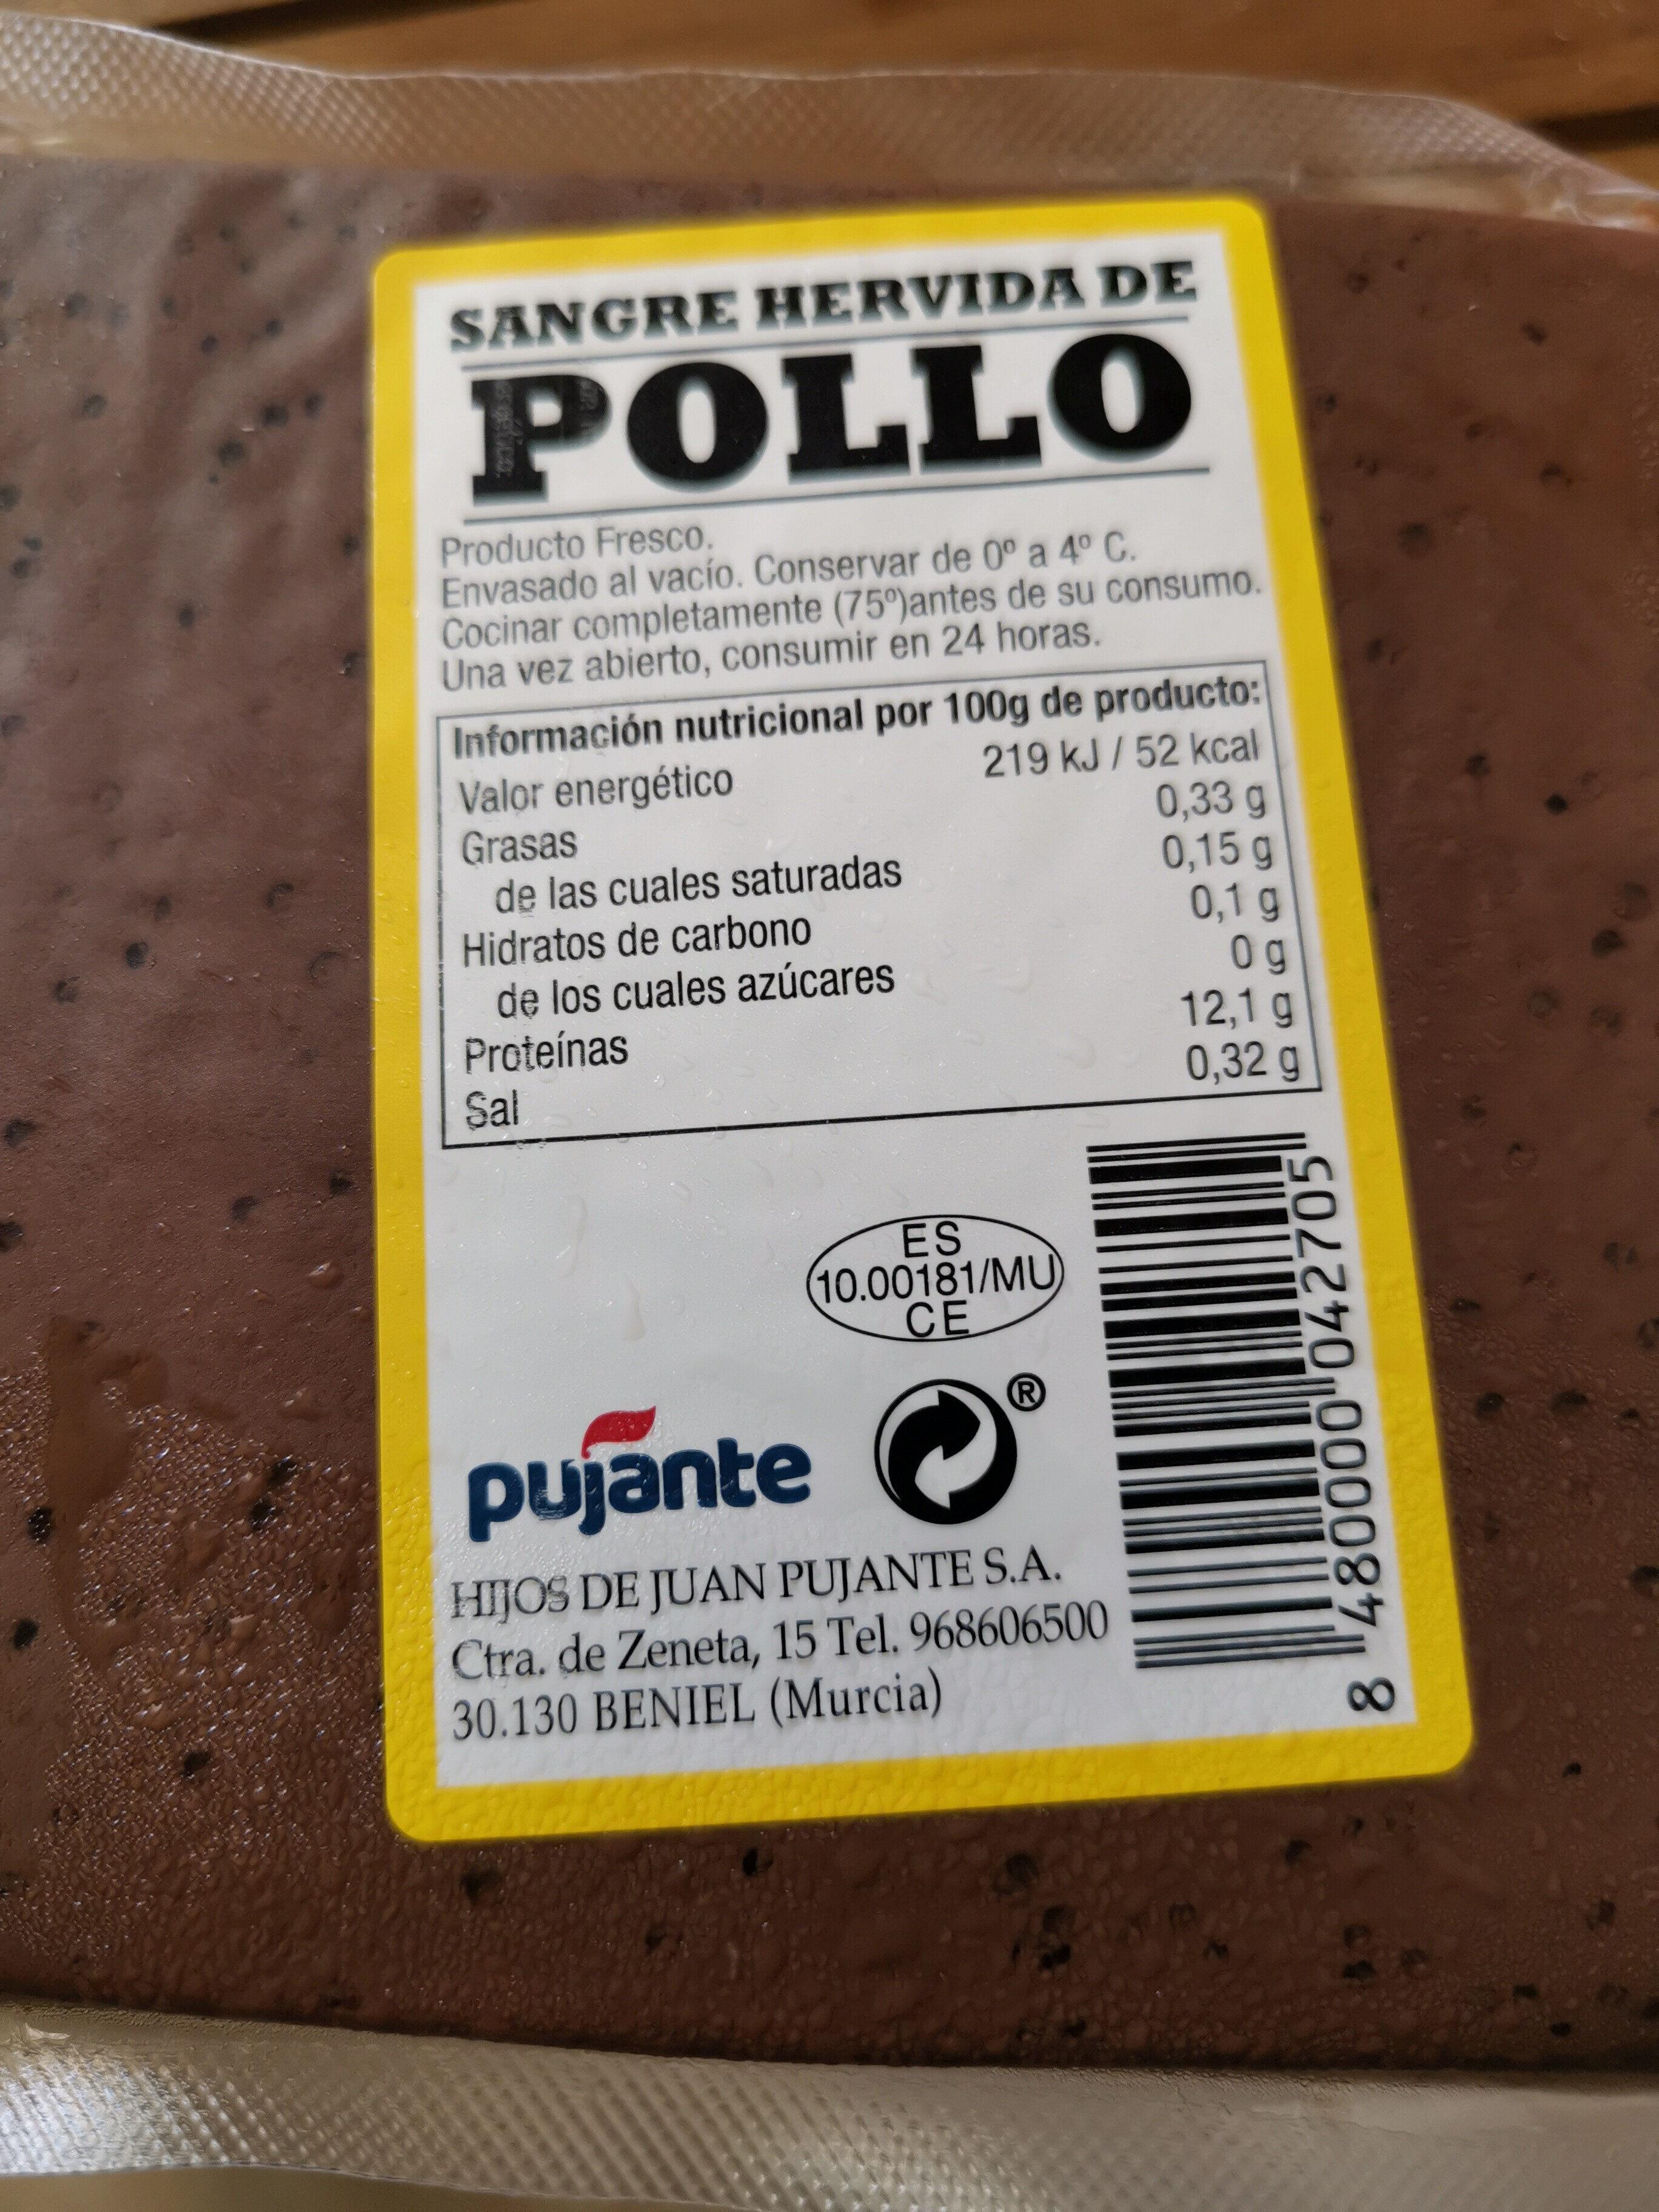 Sangre hervida de pollo - Producto - es